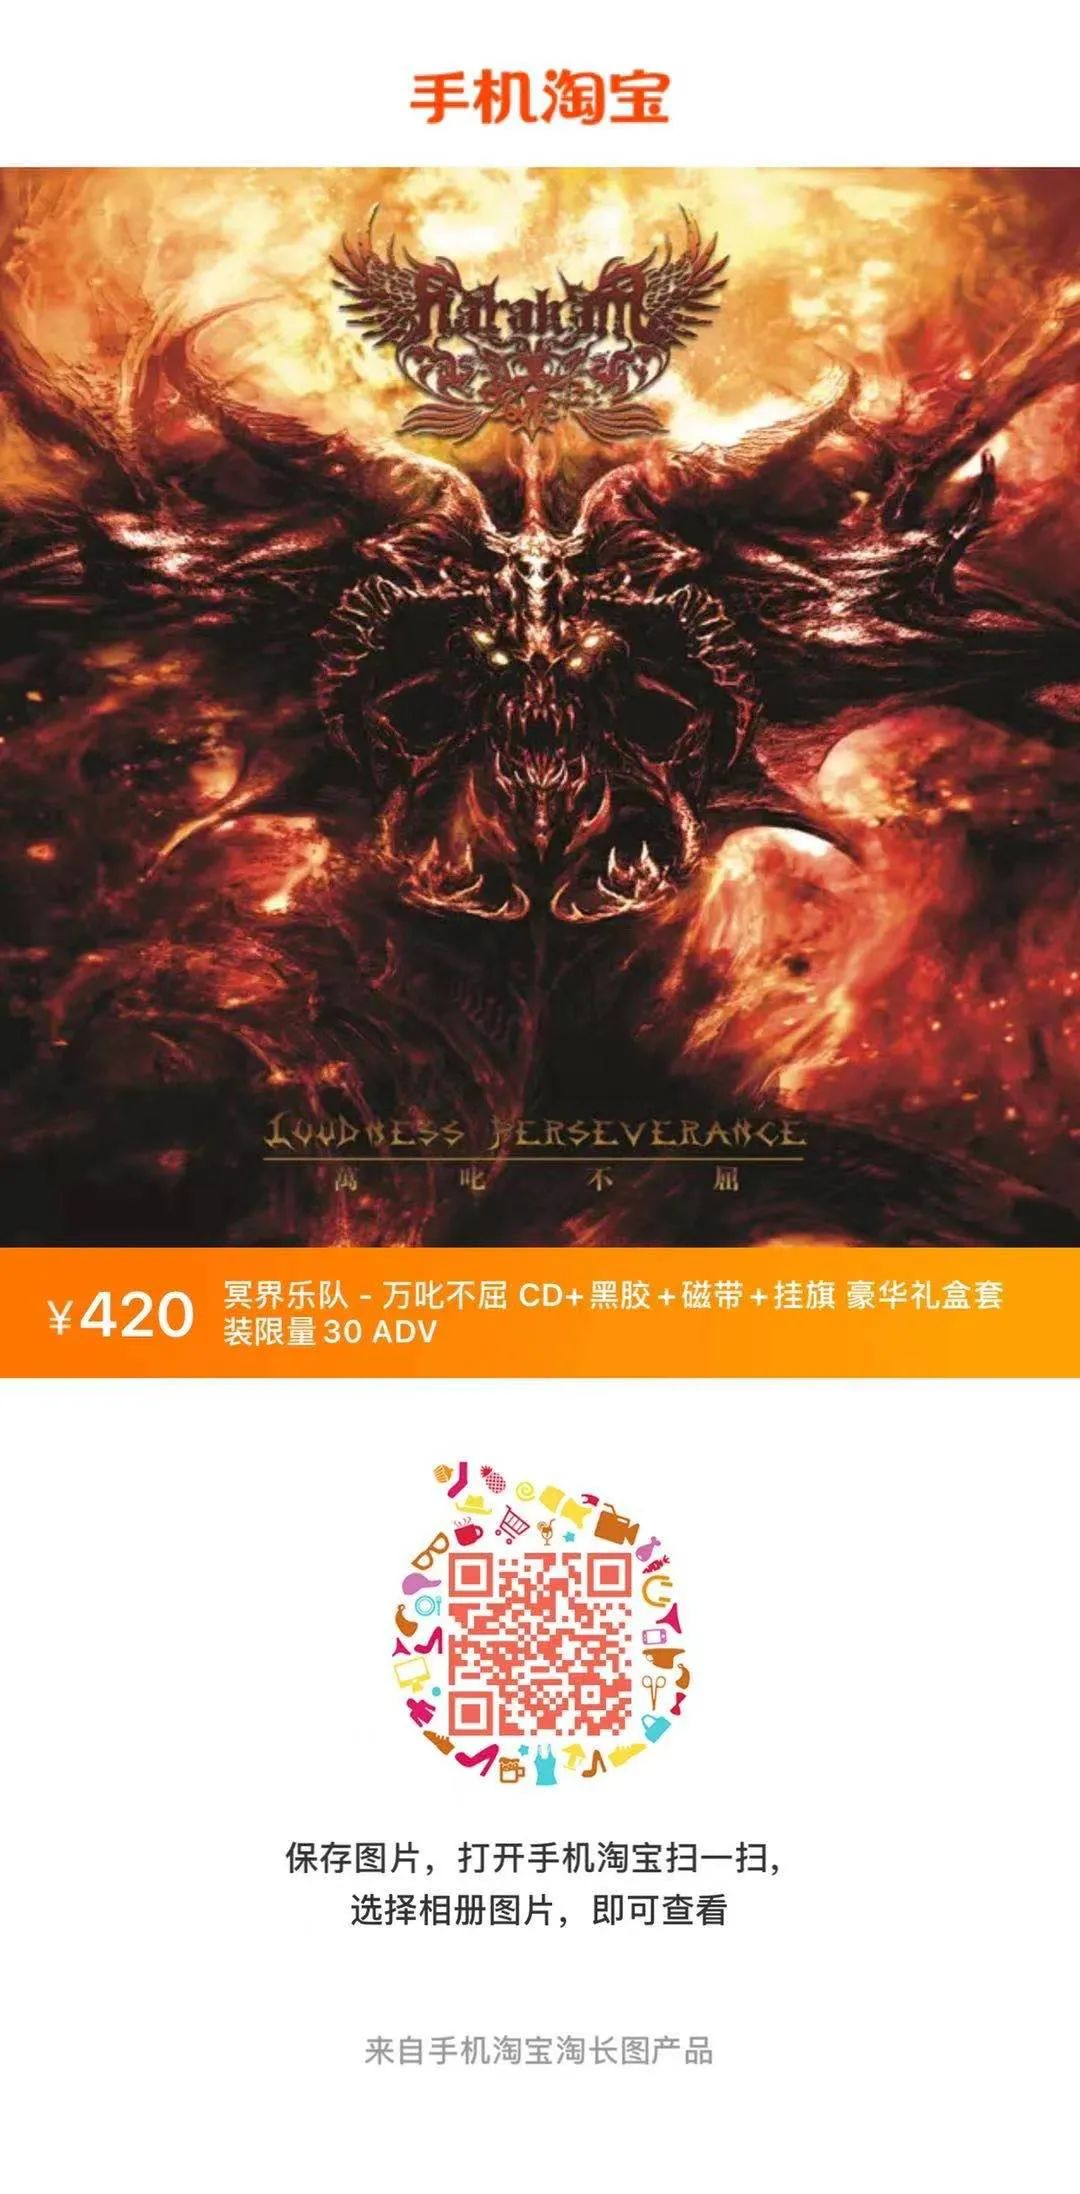 冥界乐队2021全新现场专辑《万叱不屈》即将发行